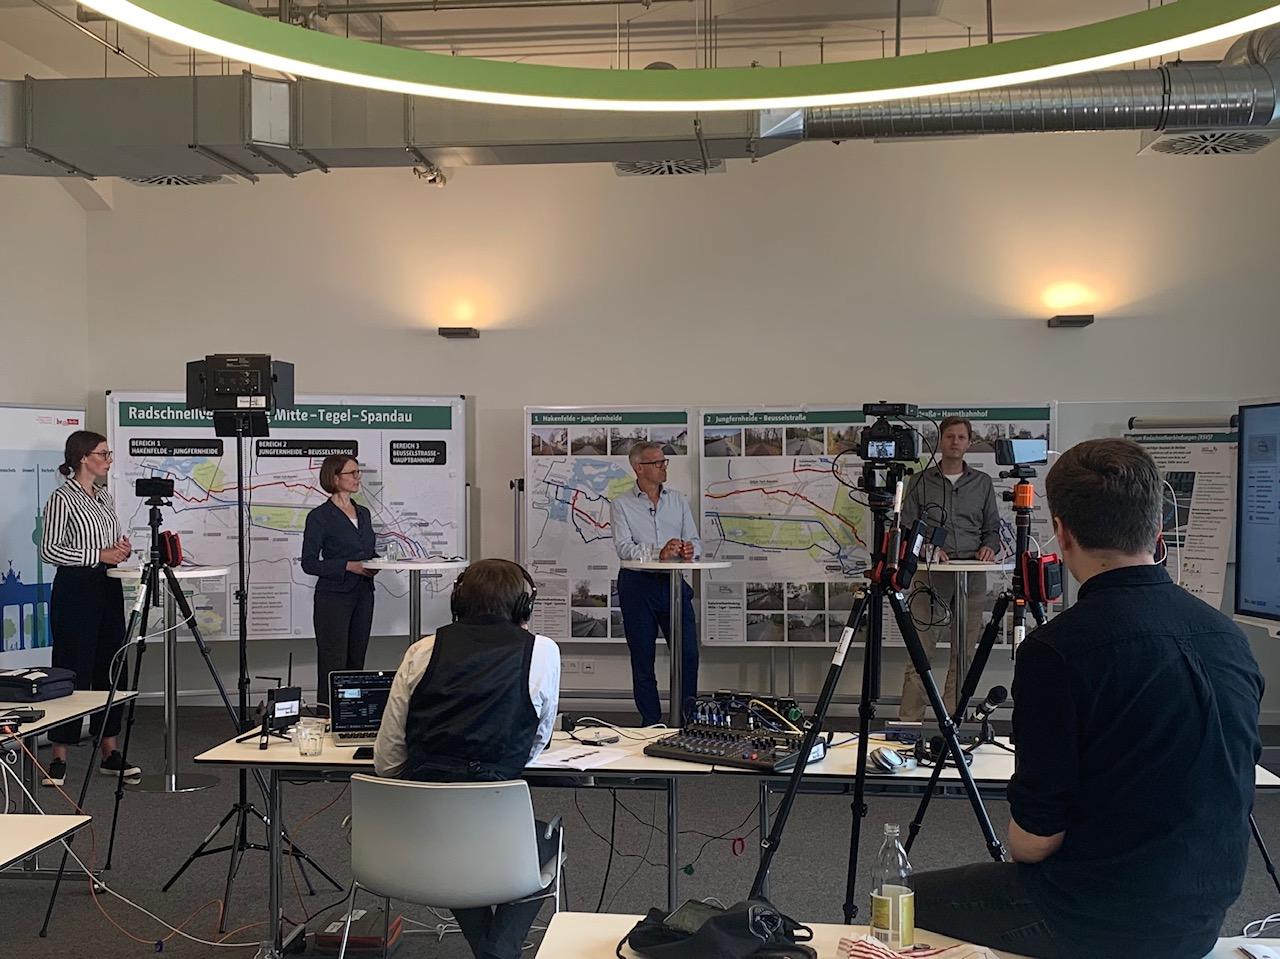 Digital dabei: Livestream mit Umfragen zu Berliner Radschnellverbindungen